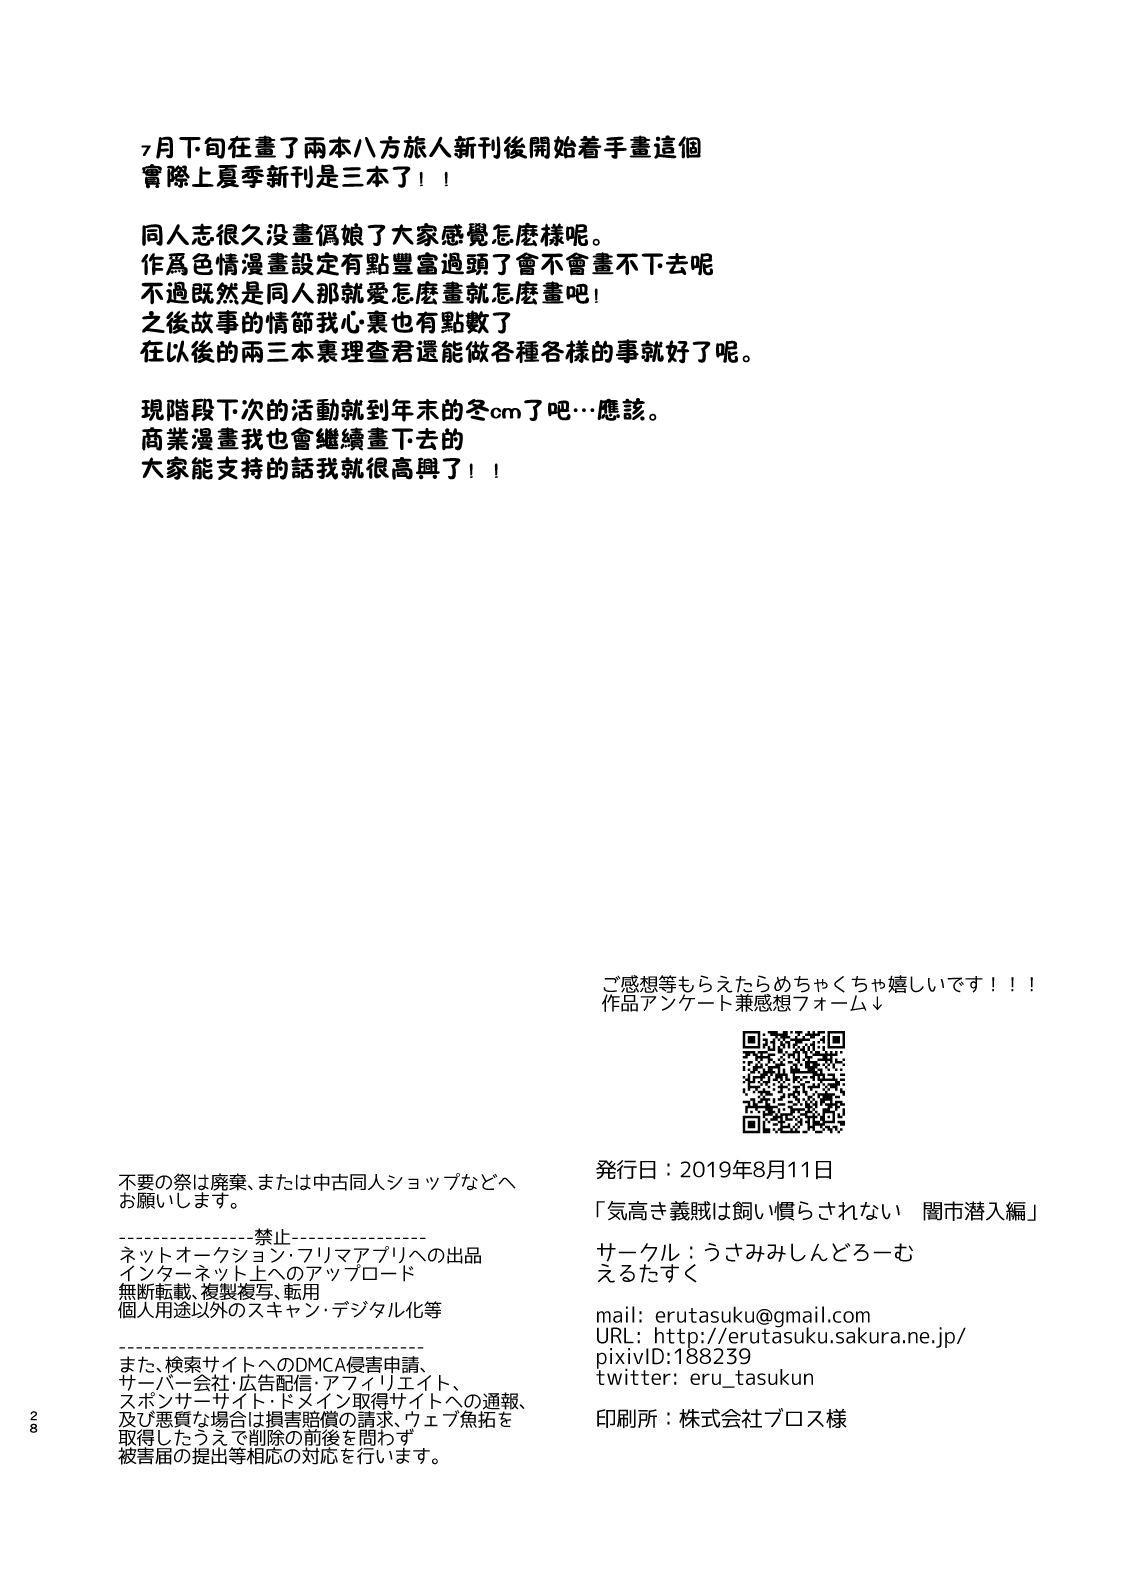 Kedakaki Gizoku wa Kainarasarenai Yamiichi Sennyuu Hen 28